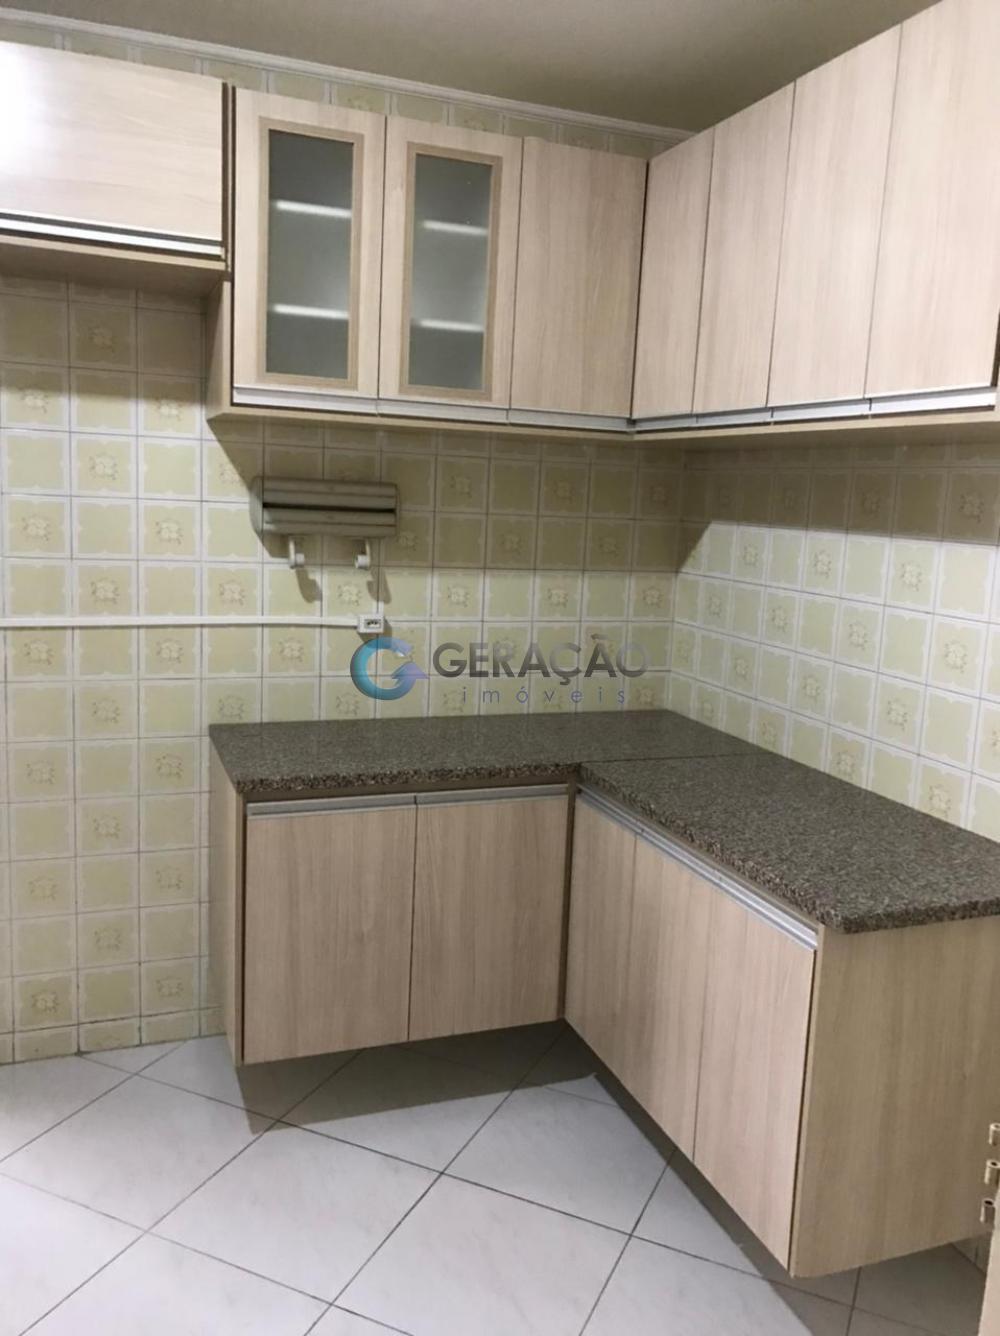 Comprar Apartamento / Padrão em São José dos Campos R$ 277.000,00 - Foto 4